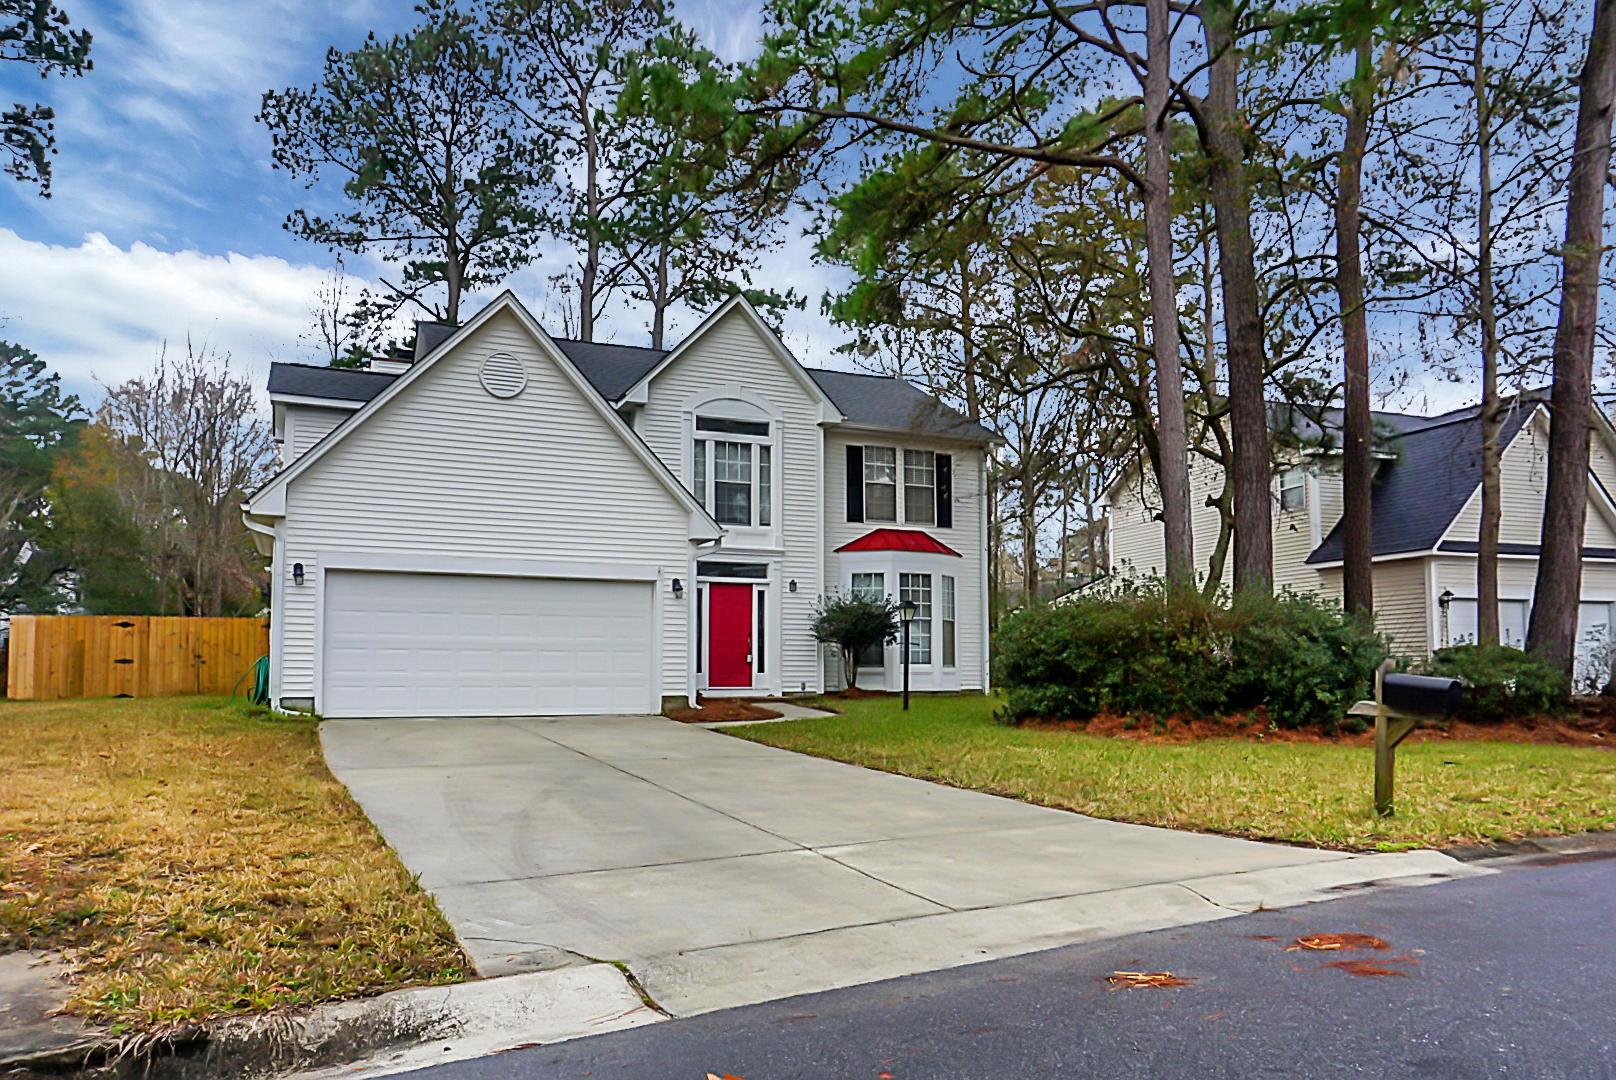 Dunes West Homes For Sale - 3209 Carmel Bay, Mount Pleasant, SC - 15